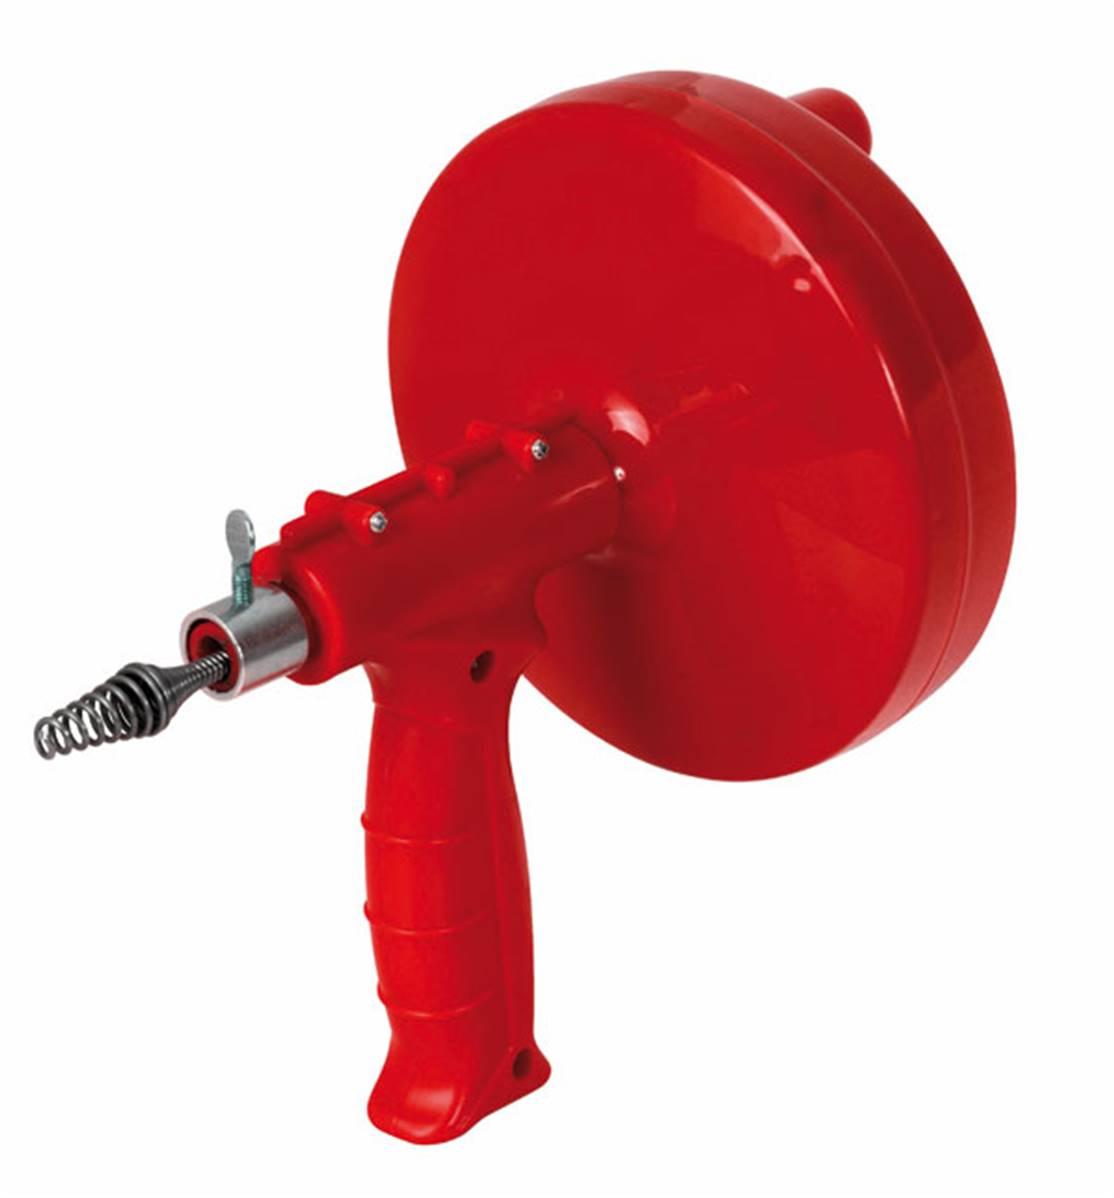 Deboucher Canalisation Avec Tuyau Arrosage deboucheur de canalisation evier wc a tambour avec axe pour perceuse